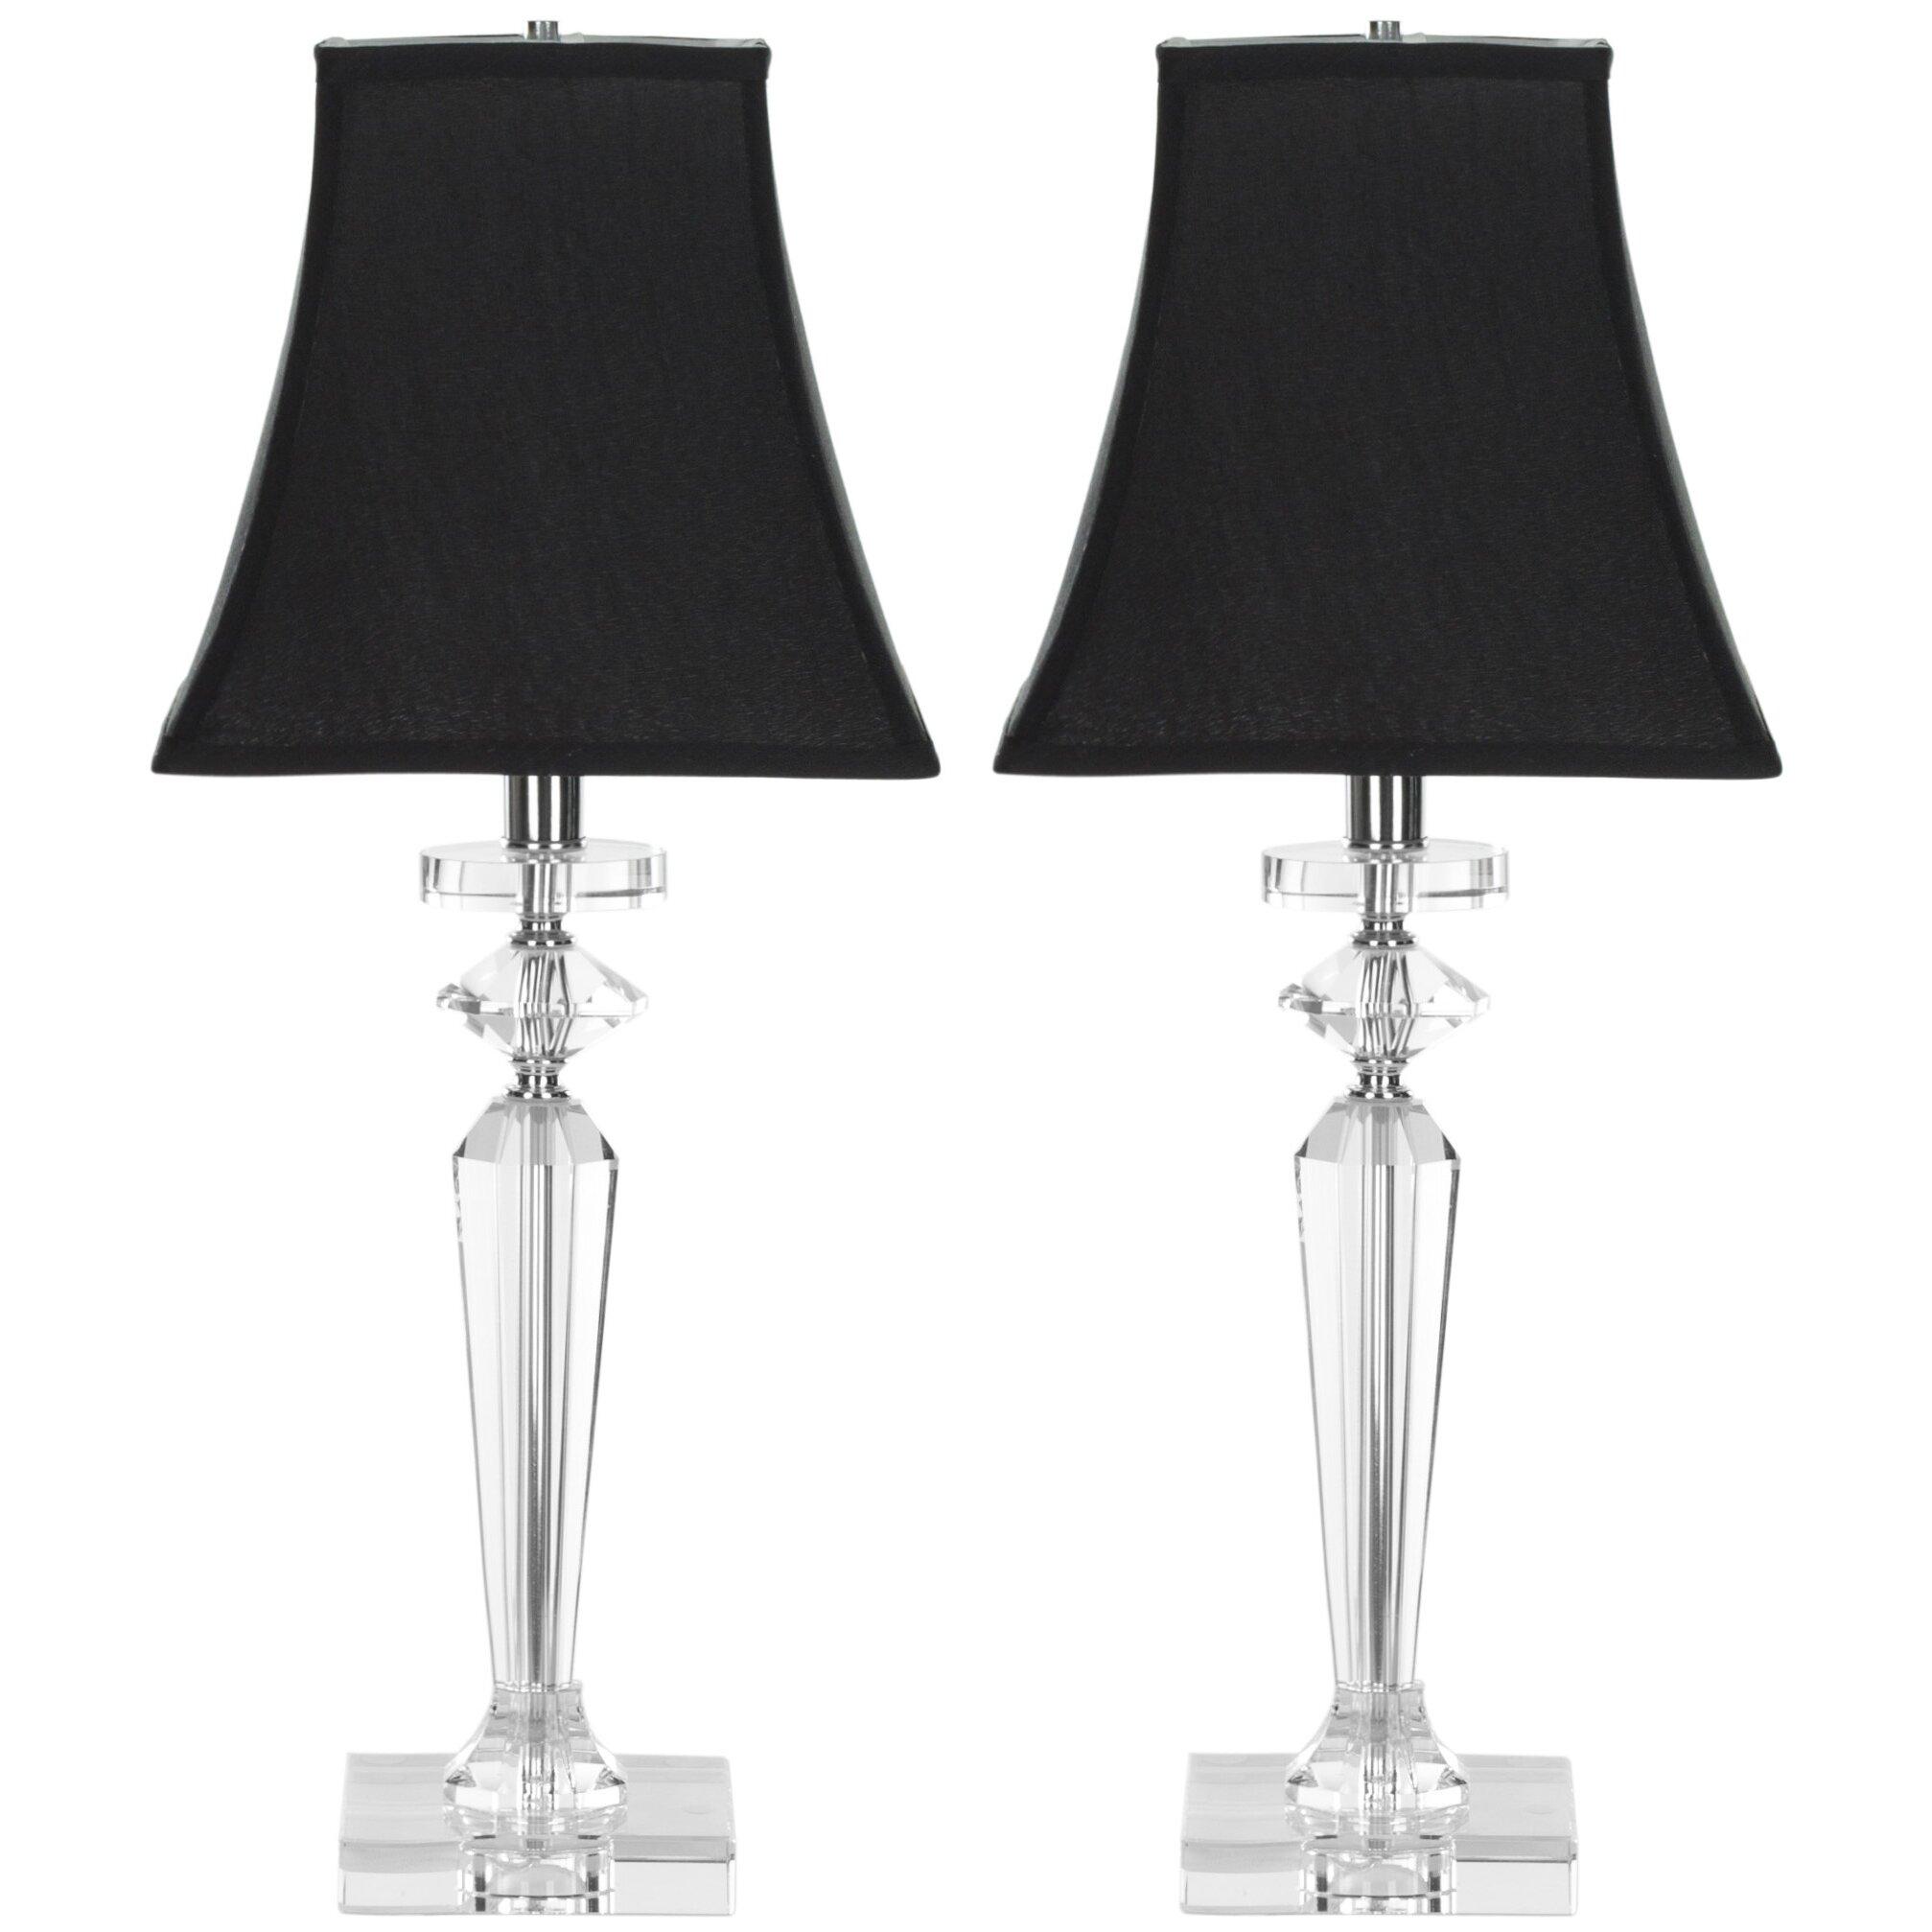 lighting lamps table lamps safavieh sku fv22380. Black Bedroom Furniture Sets. Home Design Ideas